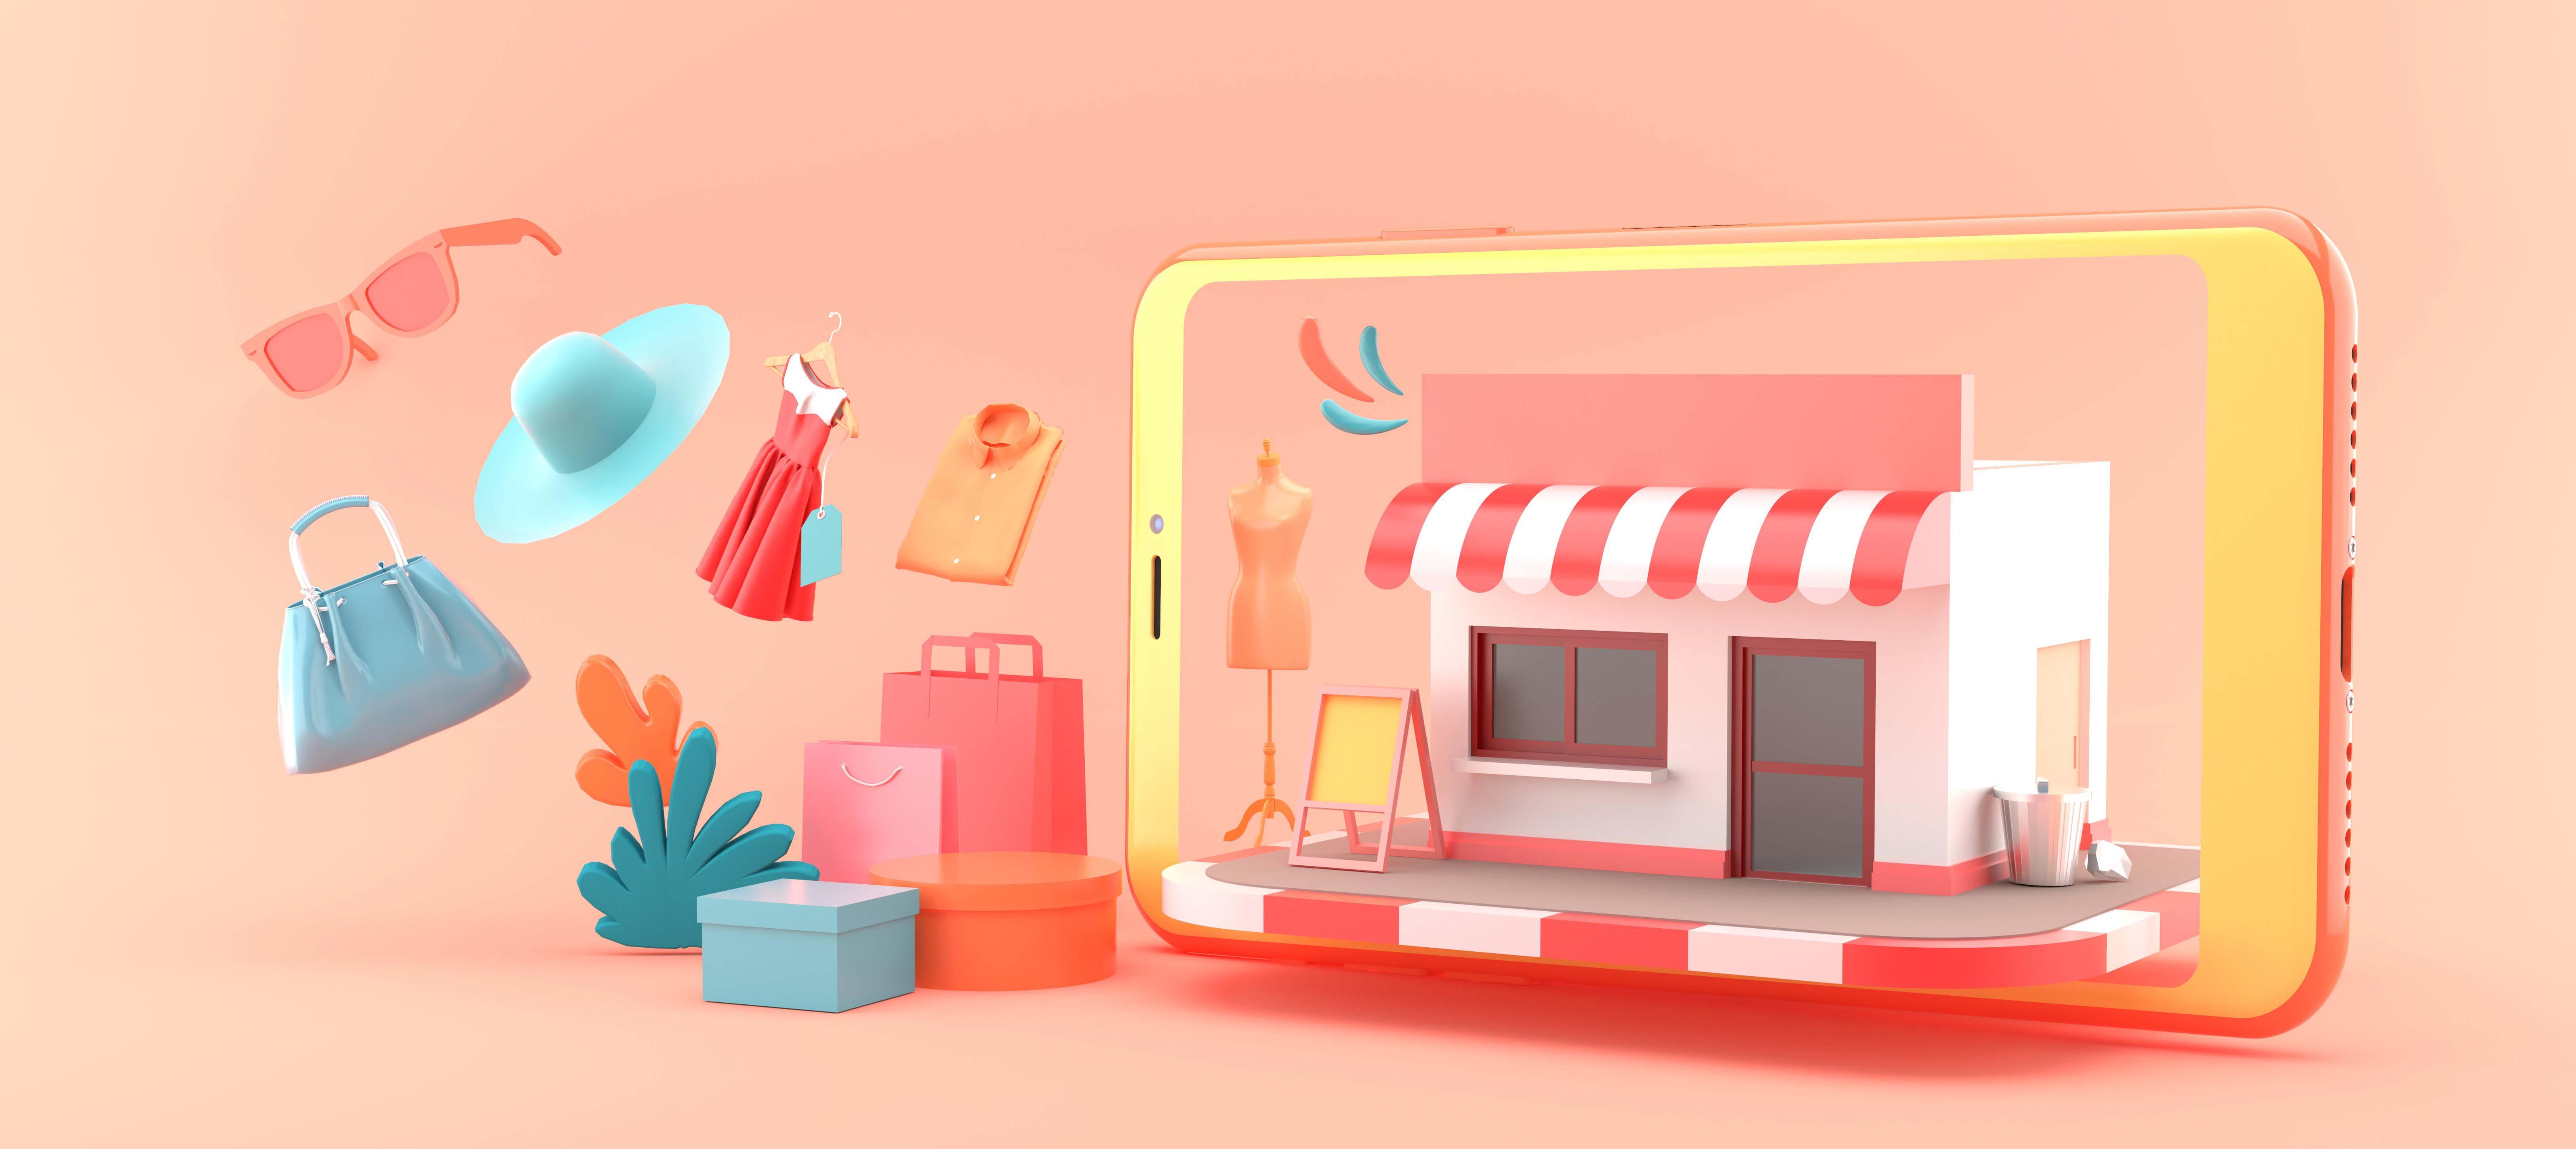 Comment générer du trafic en magasin grâce au digital ?